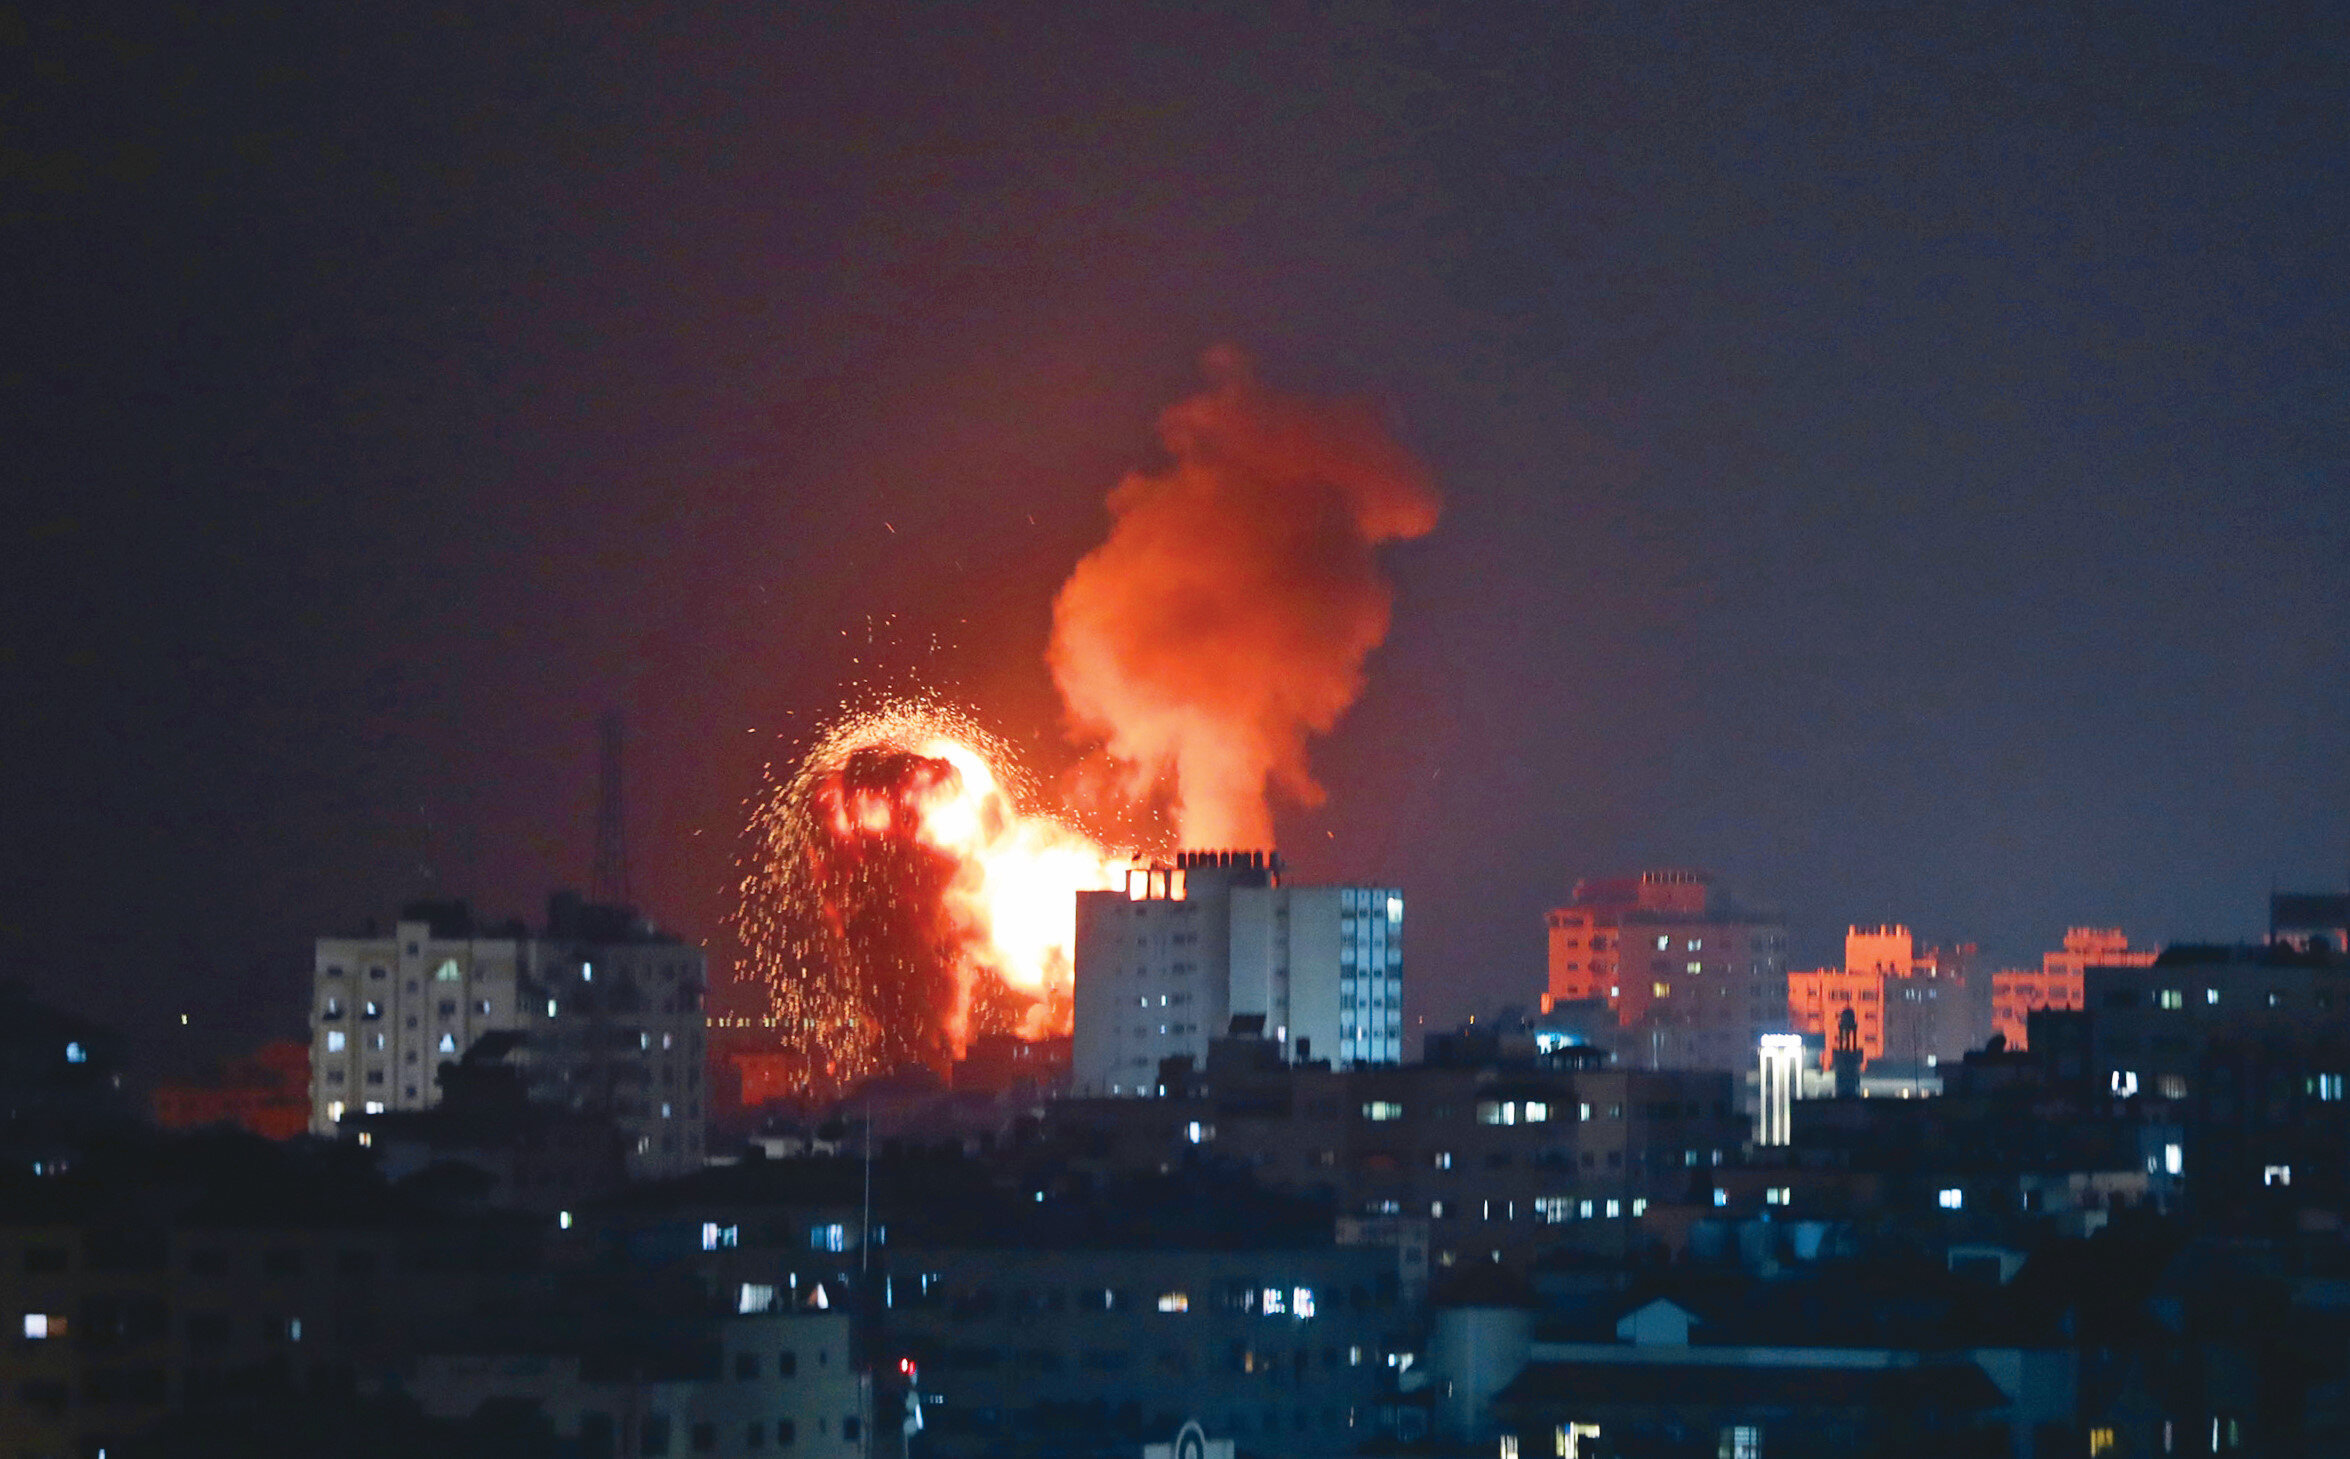 İsrail uçaklarının bombardımında sivil yerleşimin çok yoğun olduğu Beyt Hanun ve Cibaliya mahalleleri hedef alındı. Saldırılarda 20 şehidin yanı sıra onlarca Filistinli de yaralandı.